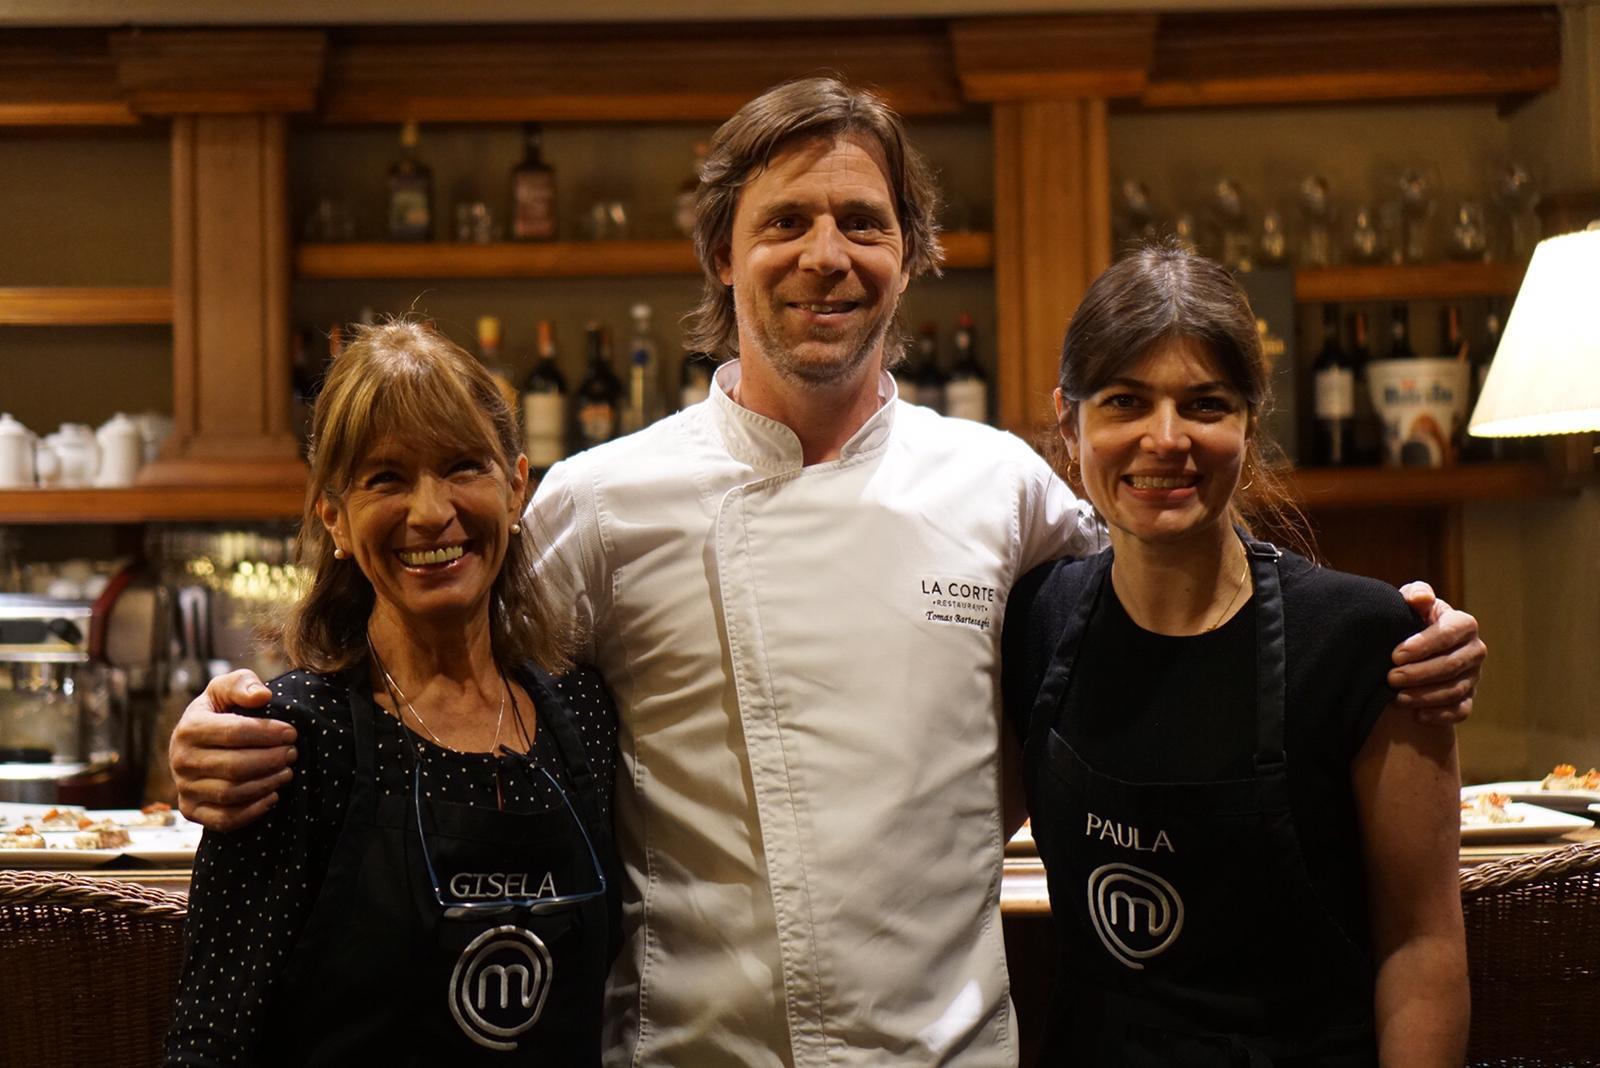 tomas-bartesaghi-en-master-chef-paula-gisele